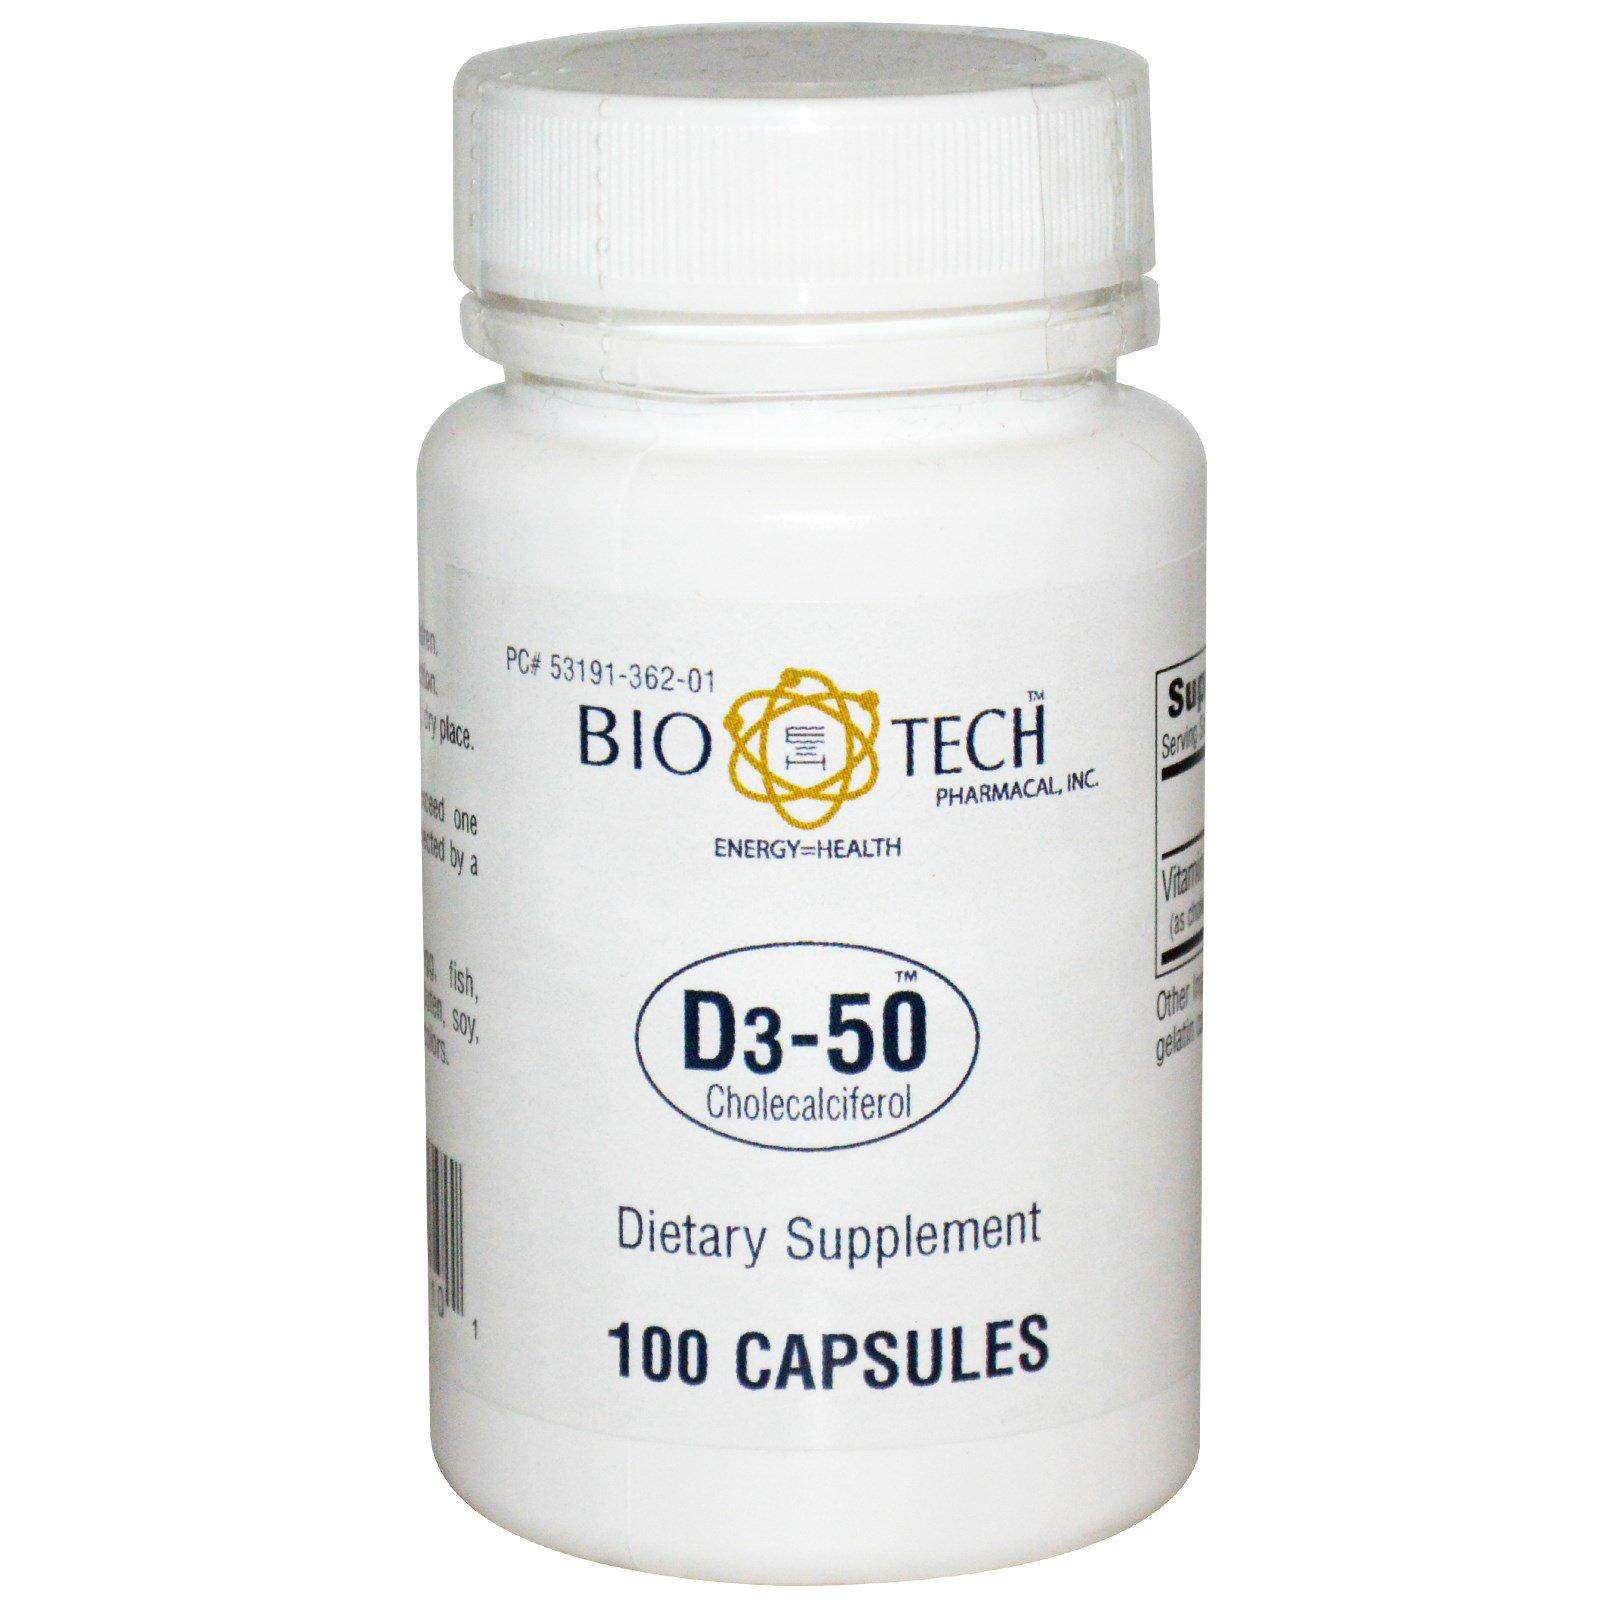 Витамин d3, холекальциферол: инструкция по применению для новорожденных и грудничков | food and health